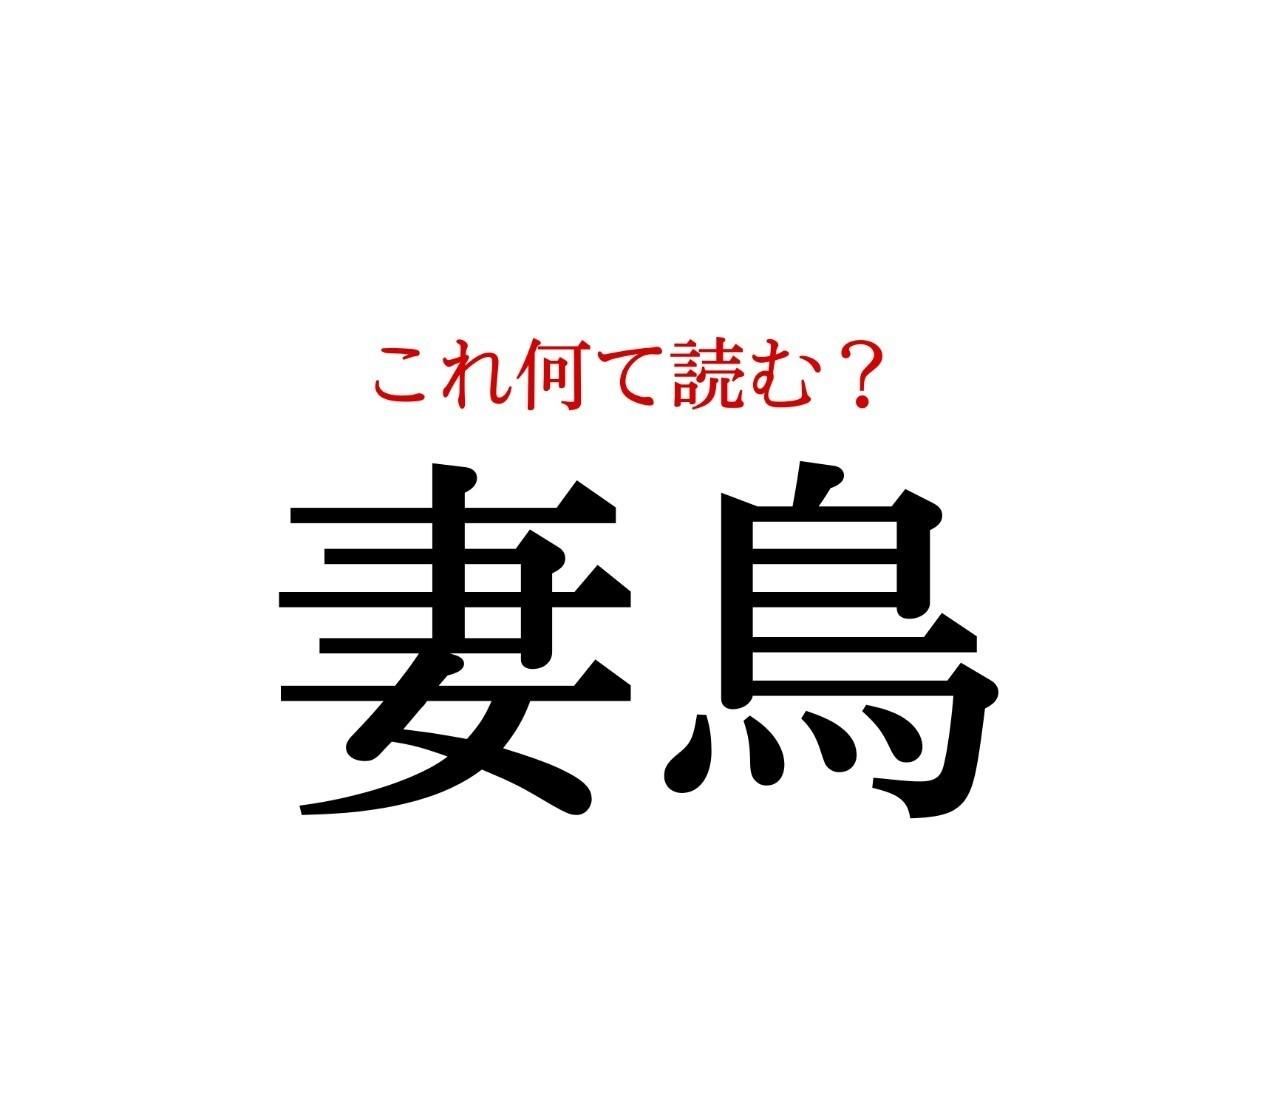 「妻鳥」:この漢字、自信を持って読めますか?【働く大人の漢字クイズvol.242】